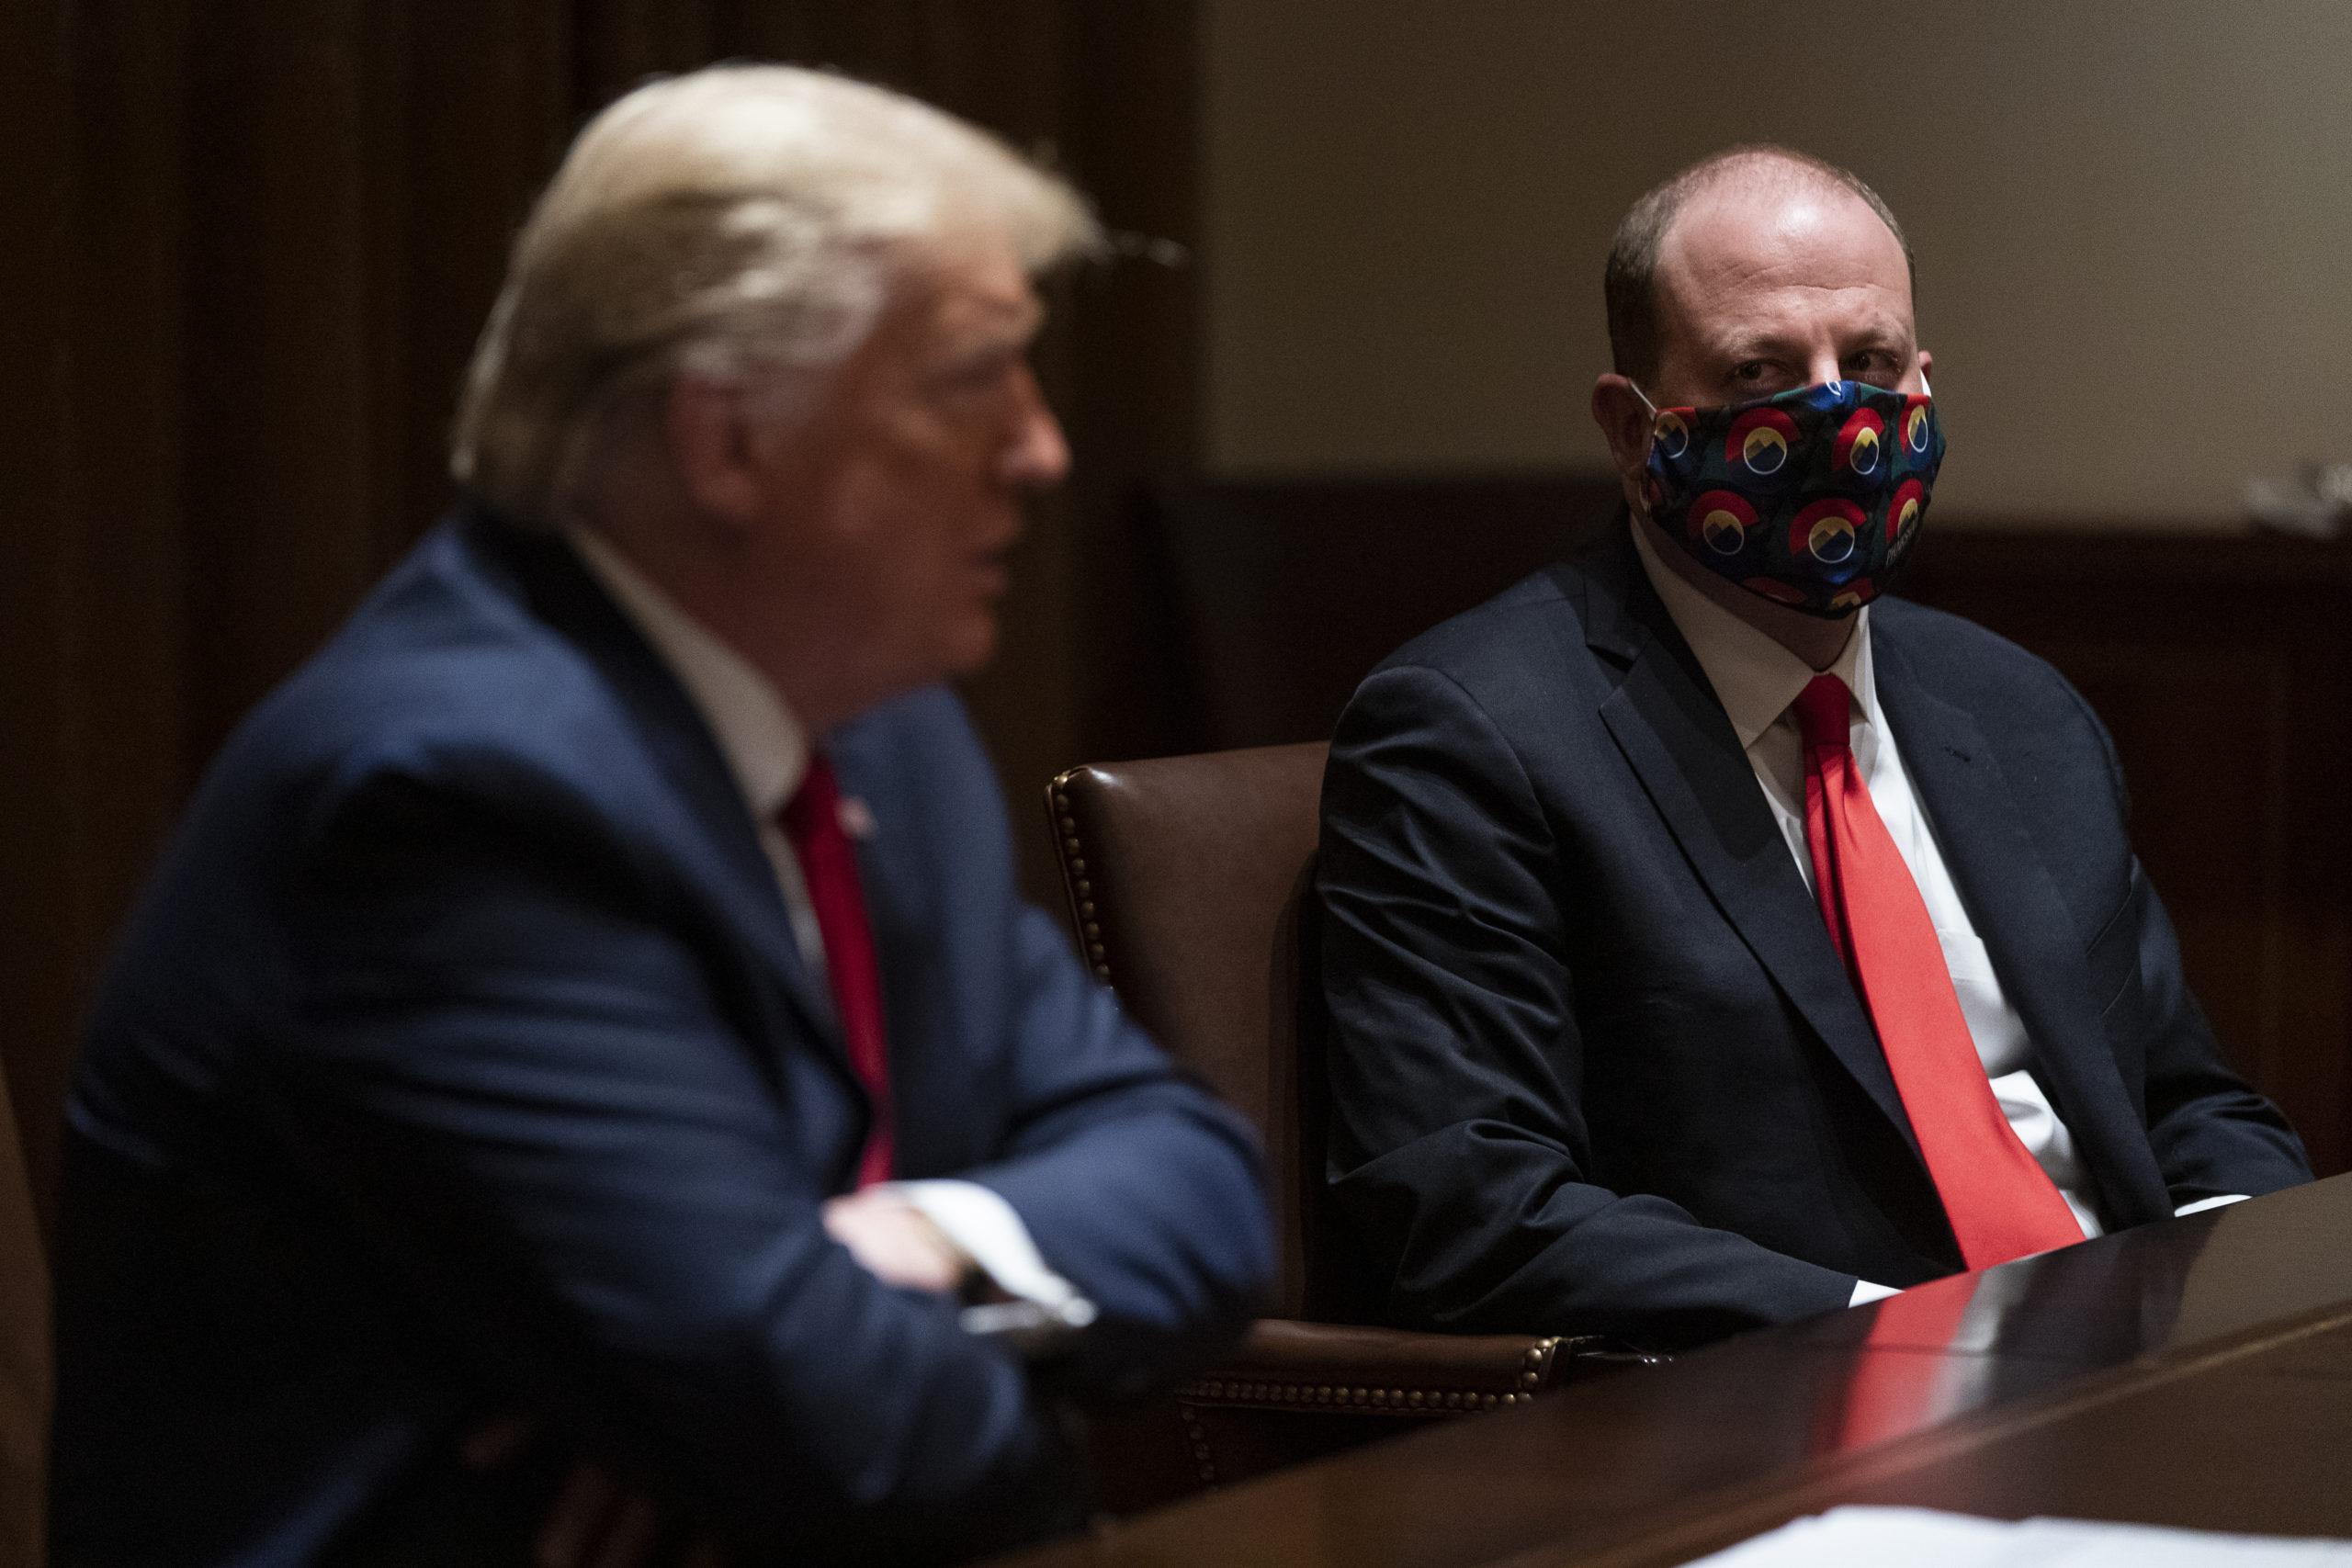 Donald Trump, Jared Polis